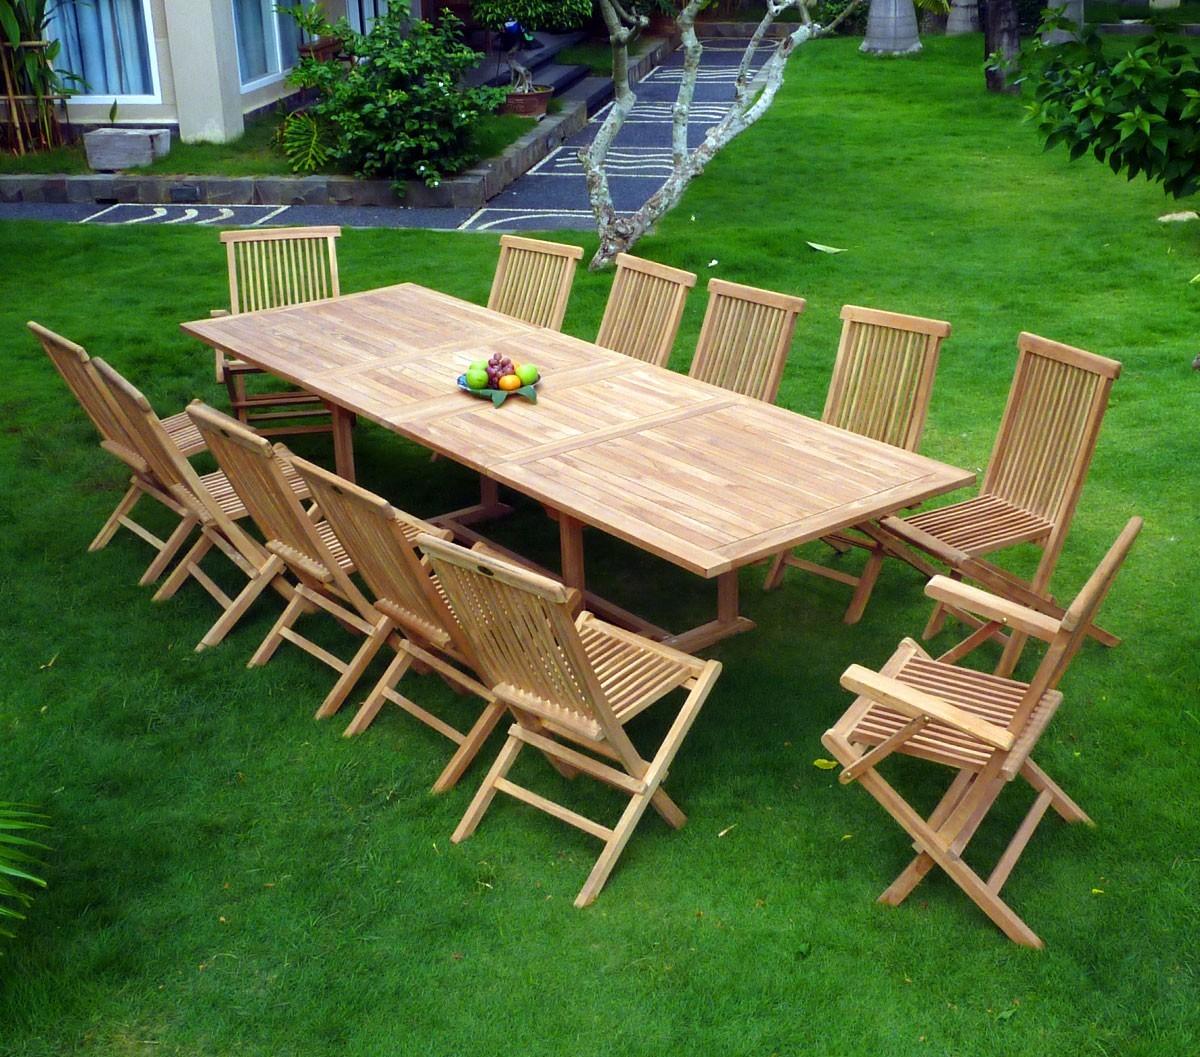 Salon de jardin teck promo - Mobilier de jardin et terasse